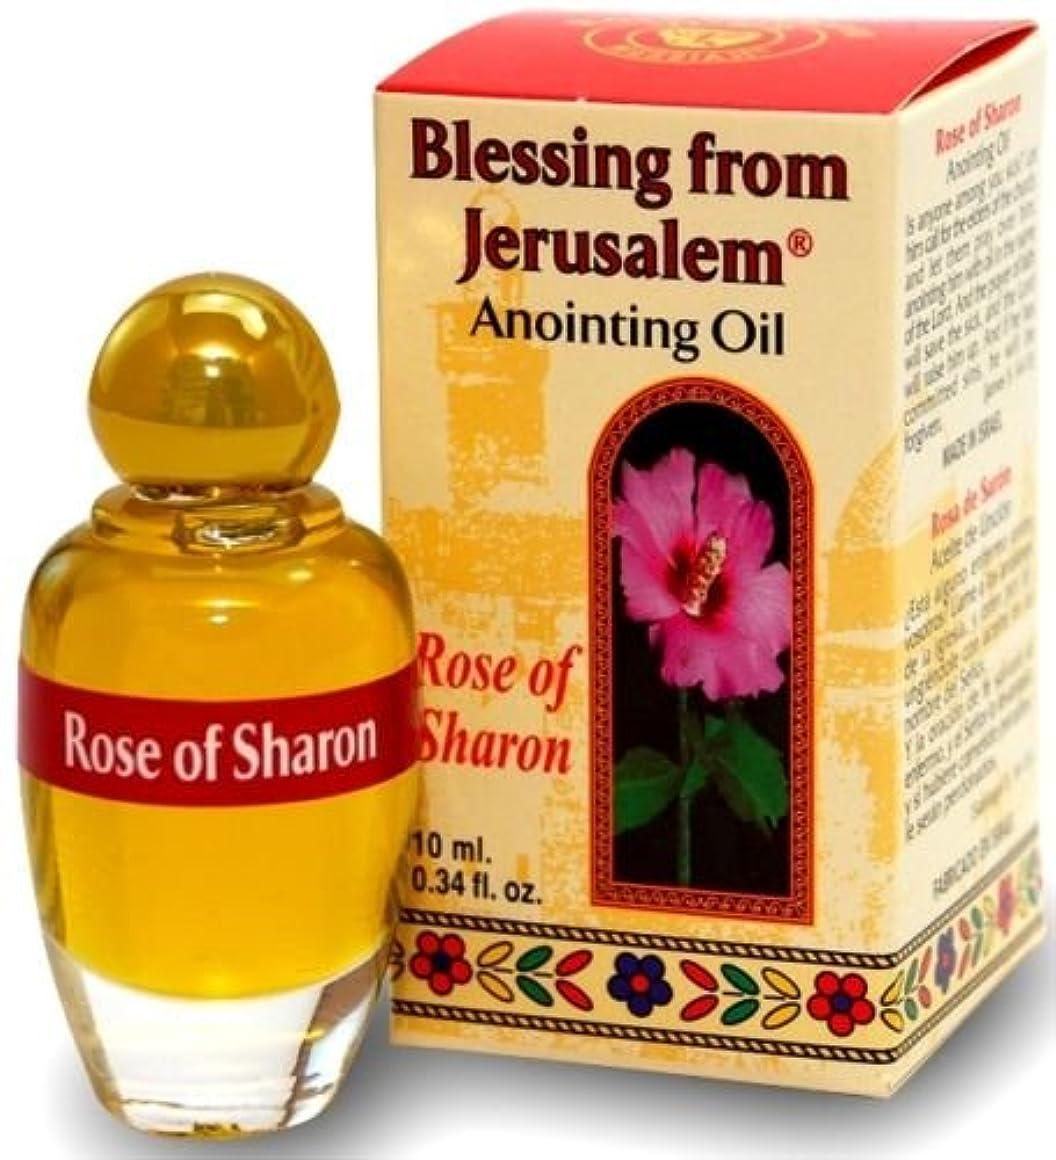 十責める哲学ローズRosa of Sharon AnointingオイルBlessing of Jerusalem Stunning Smell 10 ml byベツレヘムギフトTM